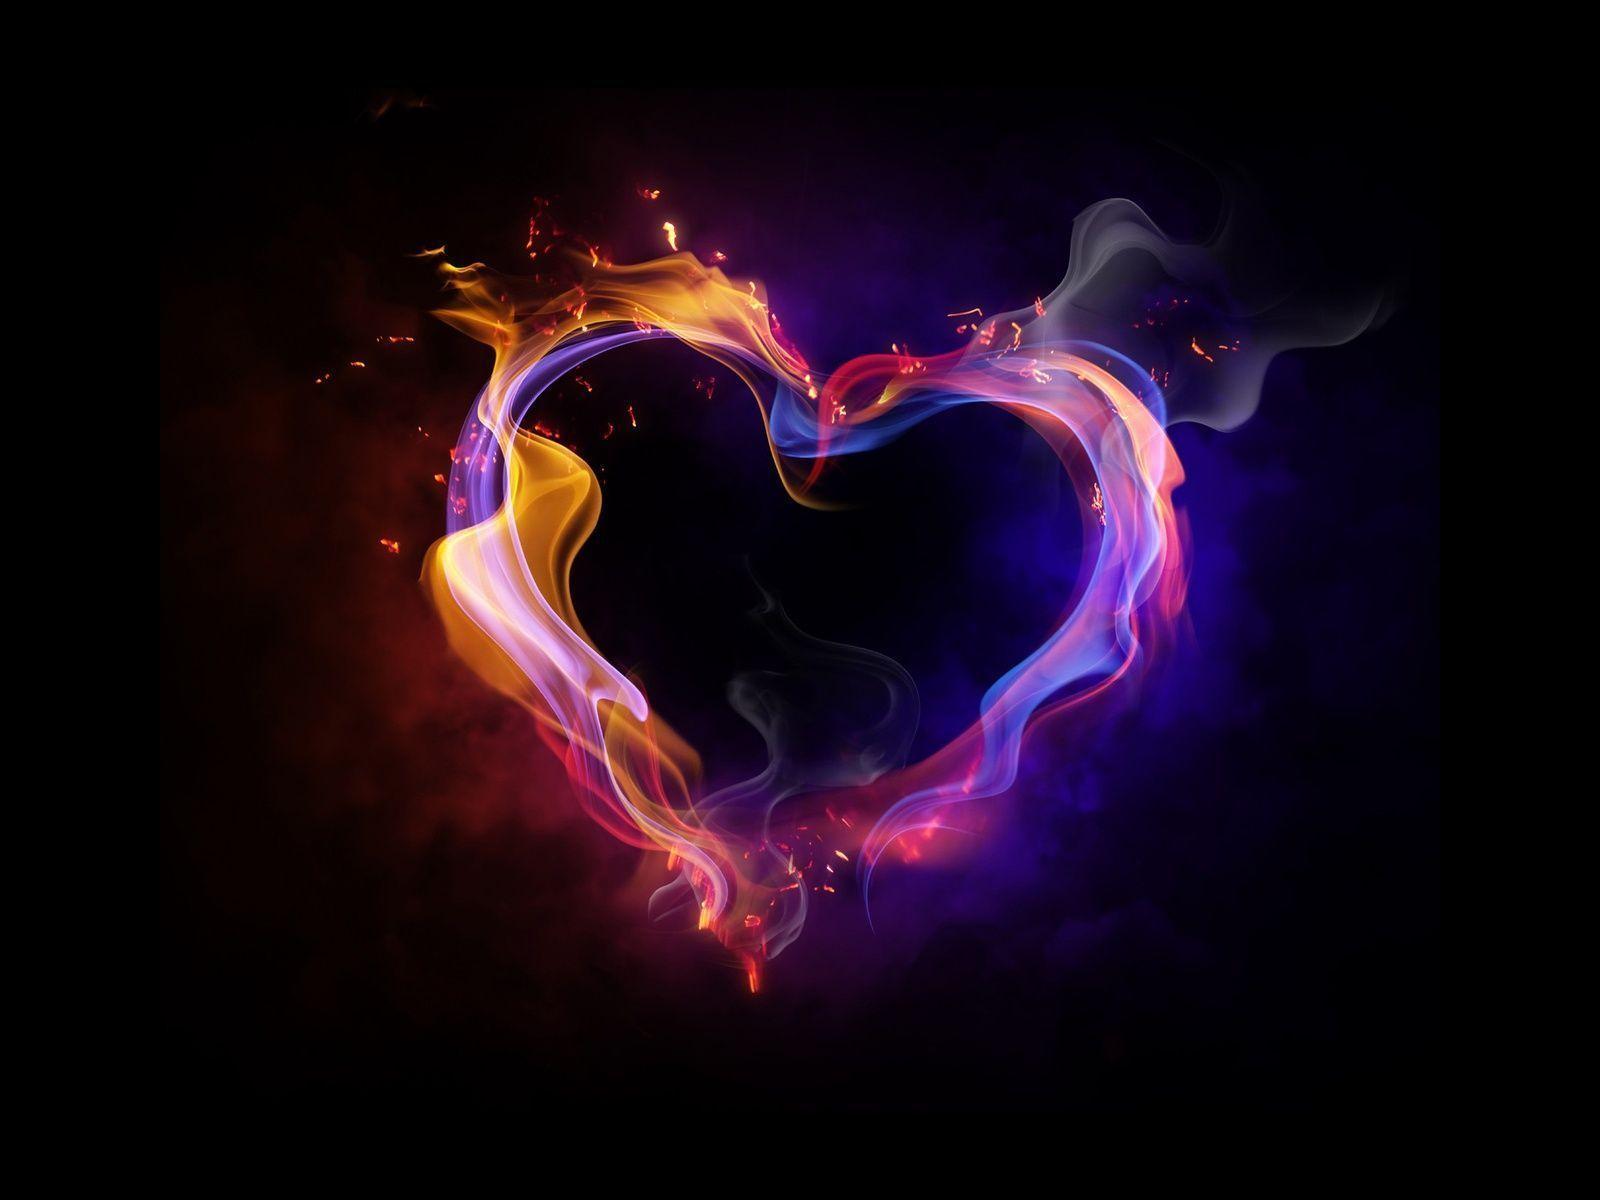 Heart HD Wallpapers   fbpapa.